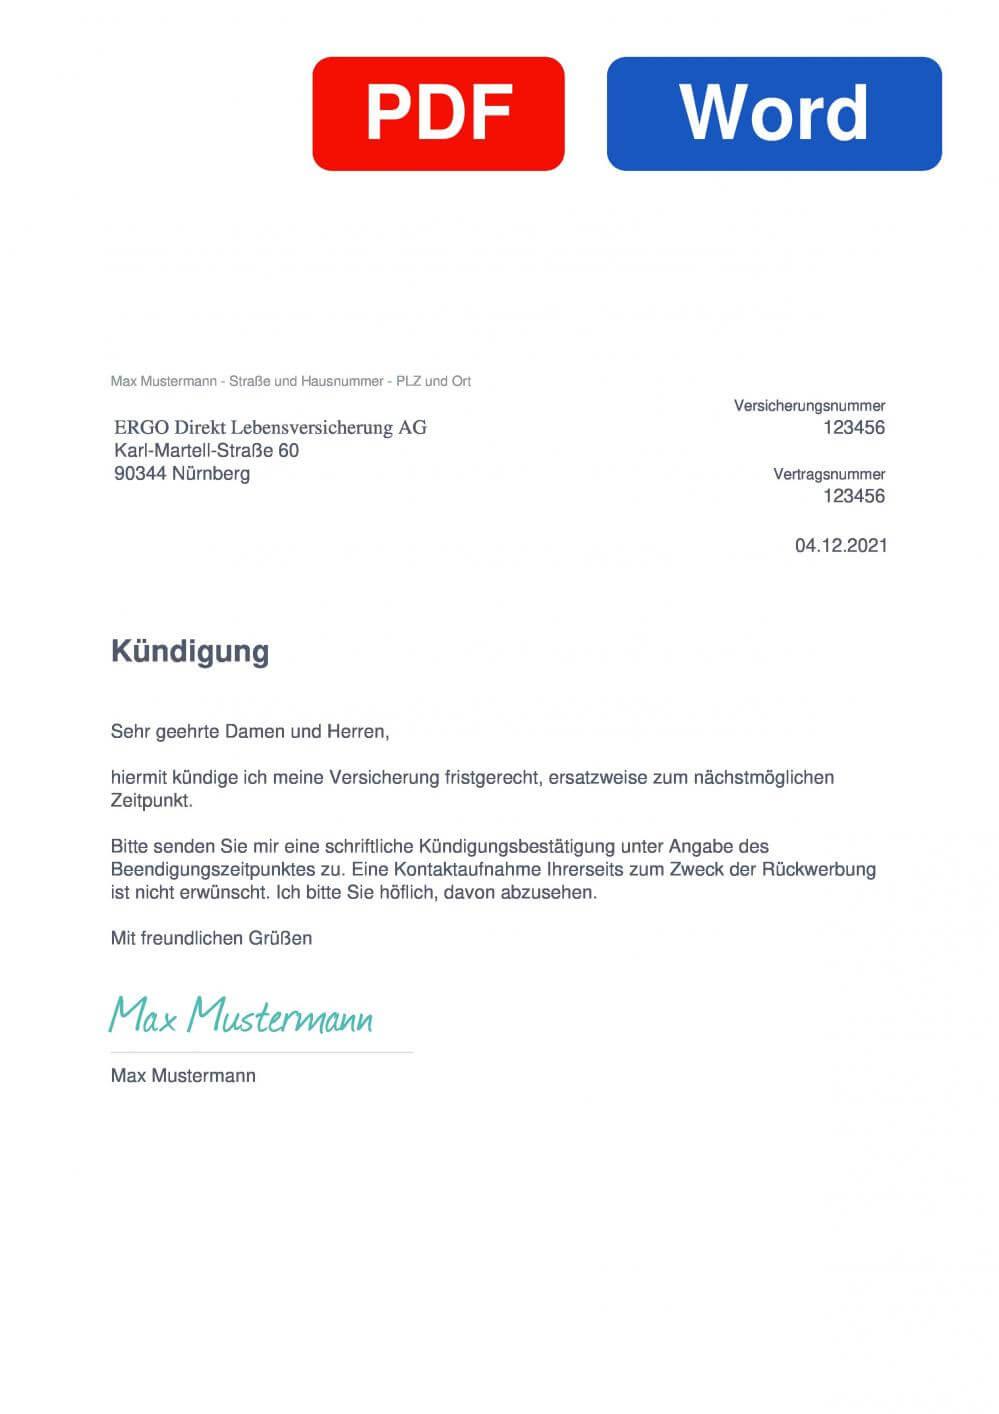 ERGO Direkt Lebensversicherung Muster Vorlage für Kündigungsschreiben